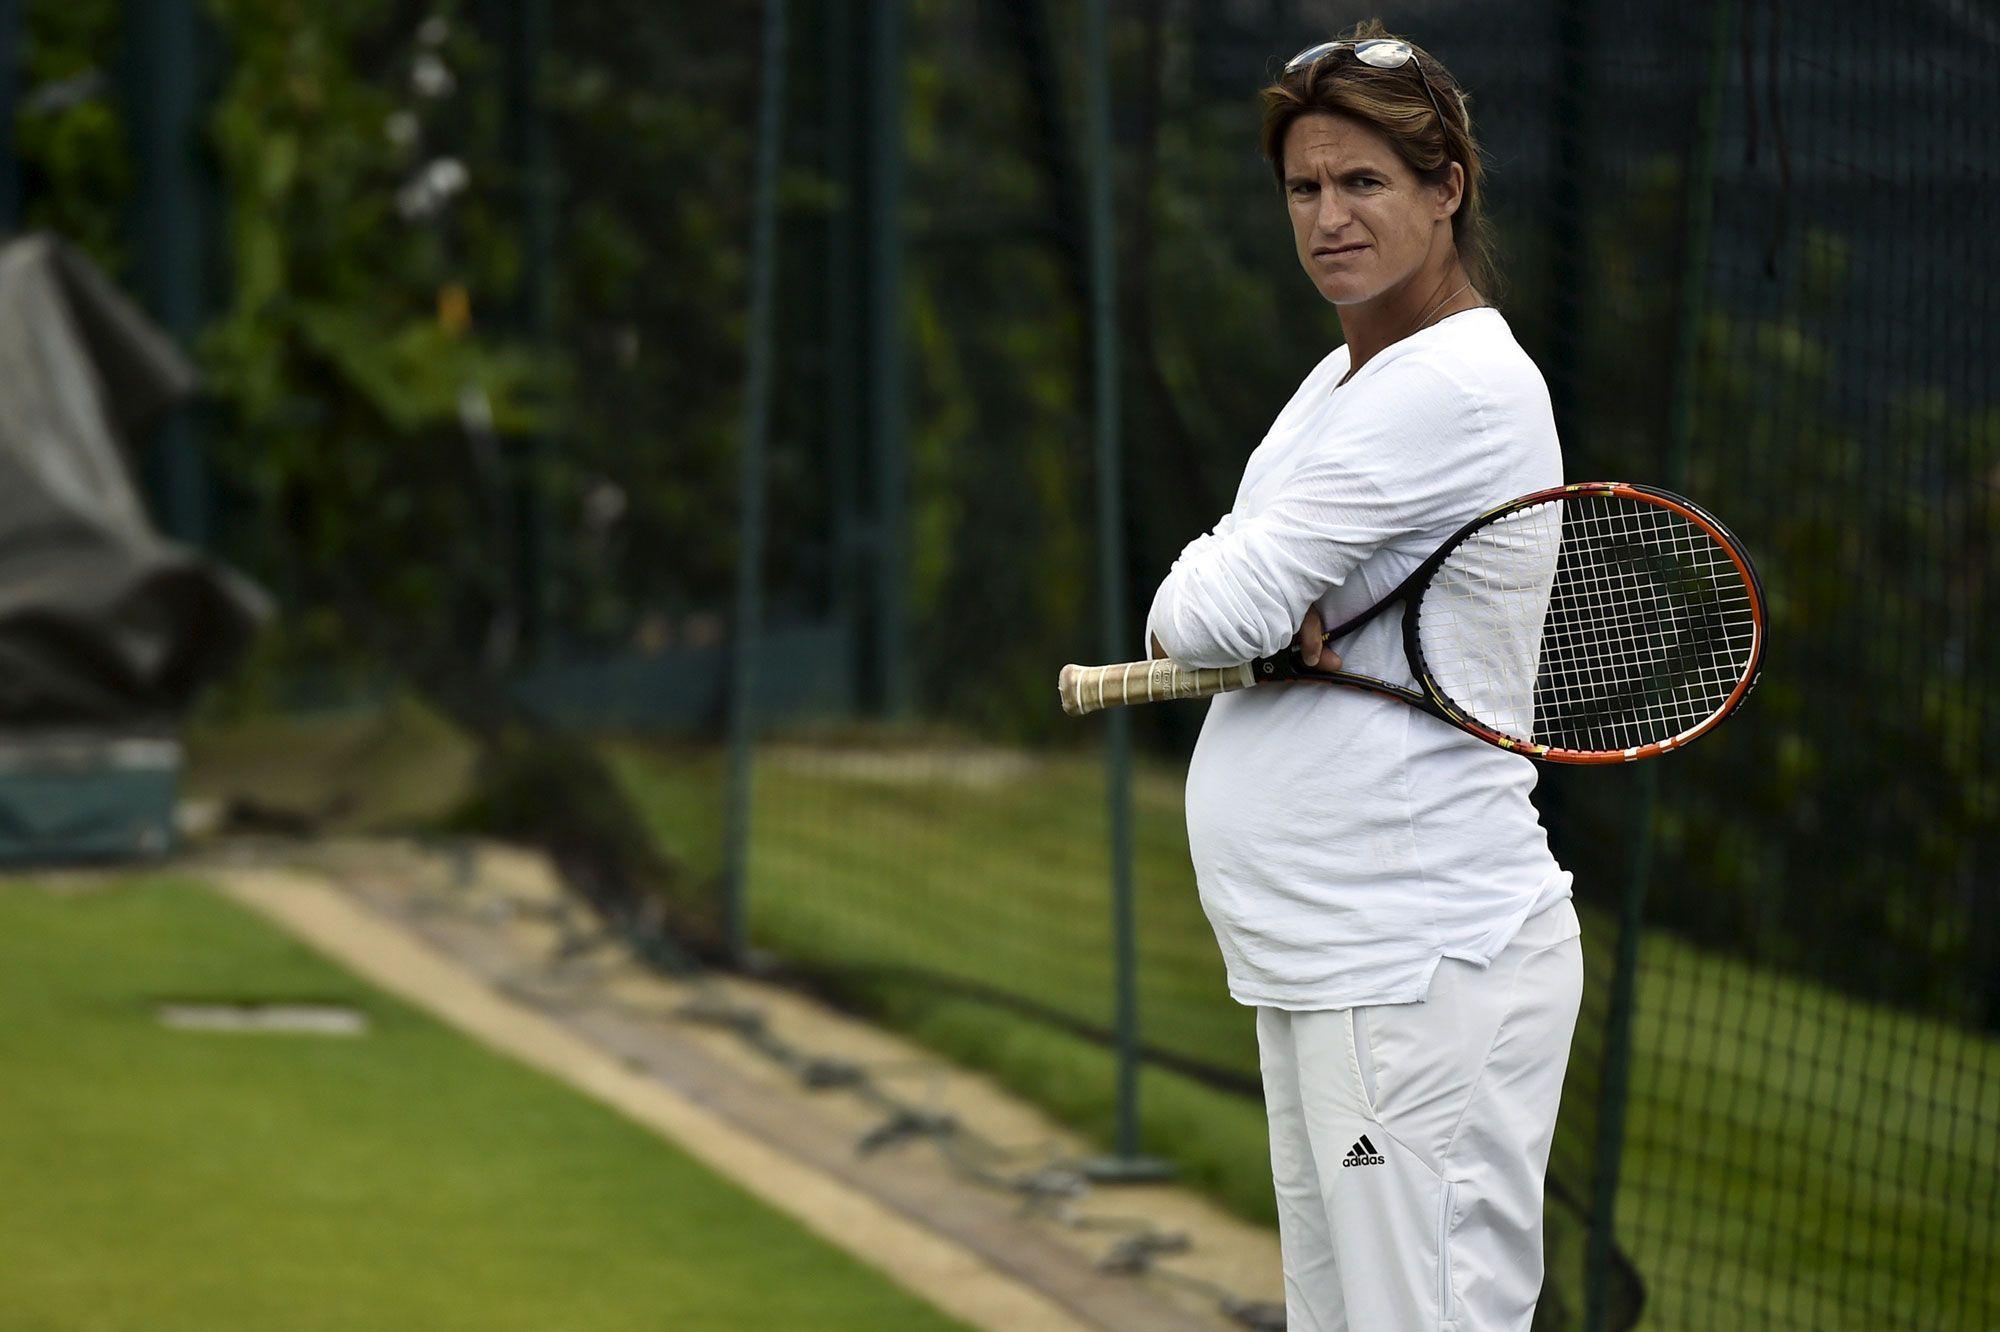 La championne a accouché Amélie Mauresmo est maman